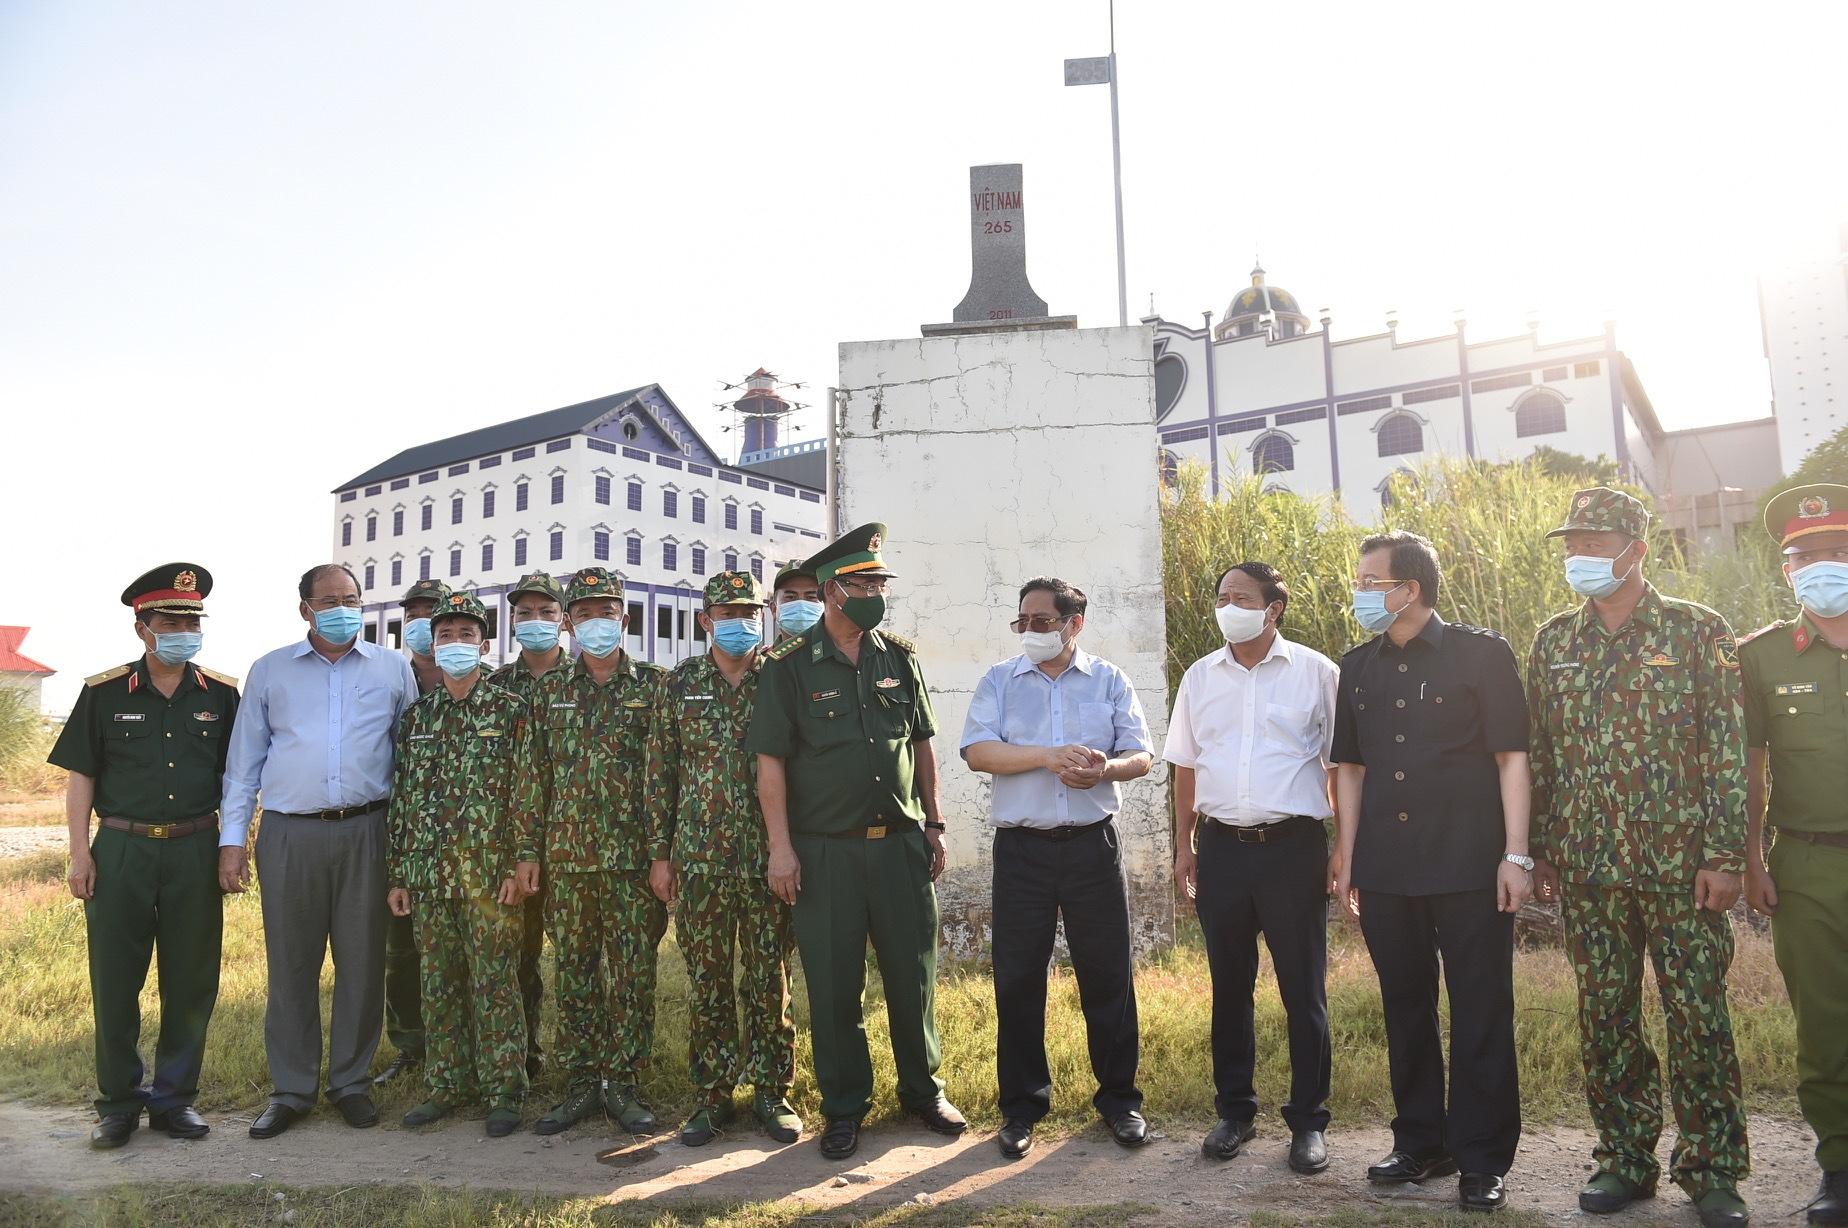 Thủ tướng thị sát biên giới Tây Nam, động viên lực lượng tuyến đầu